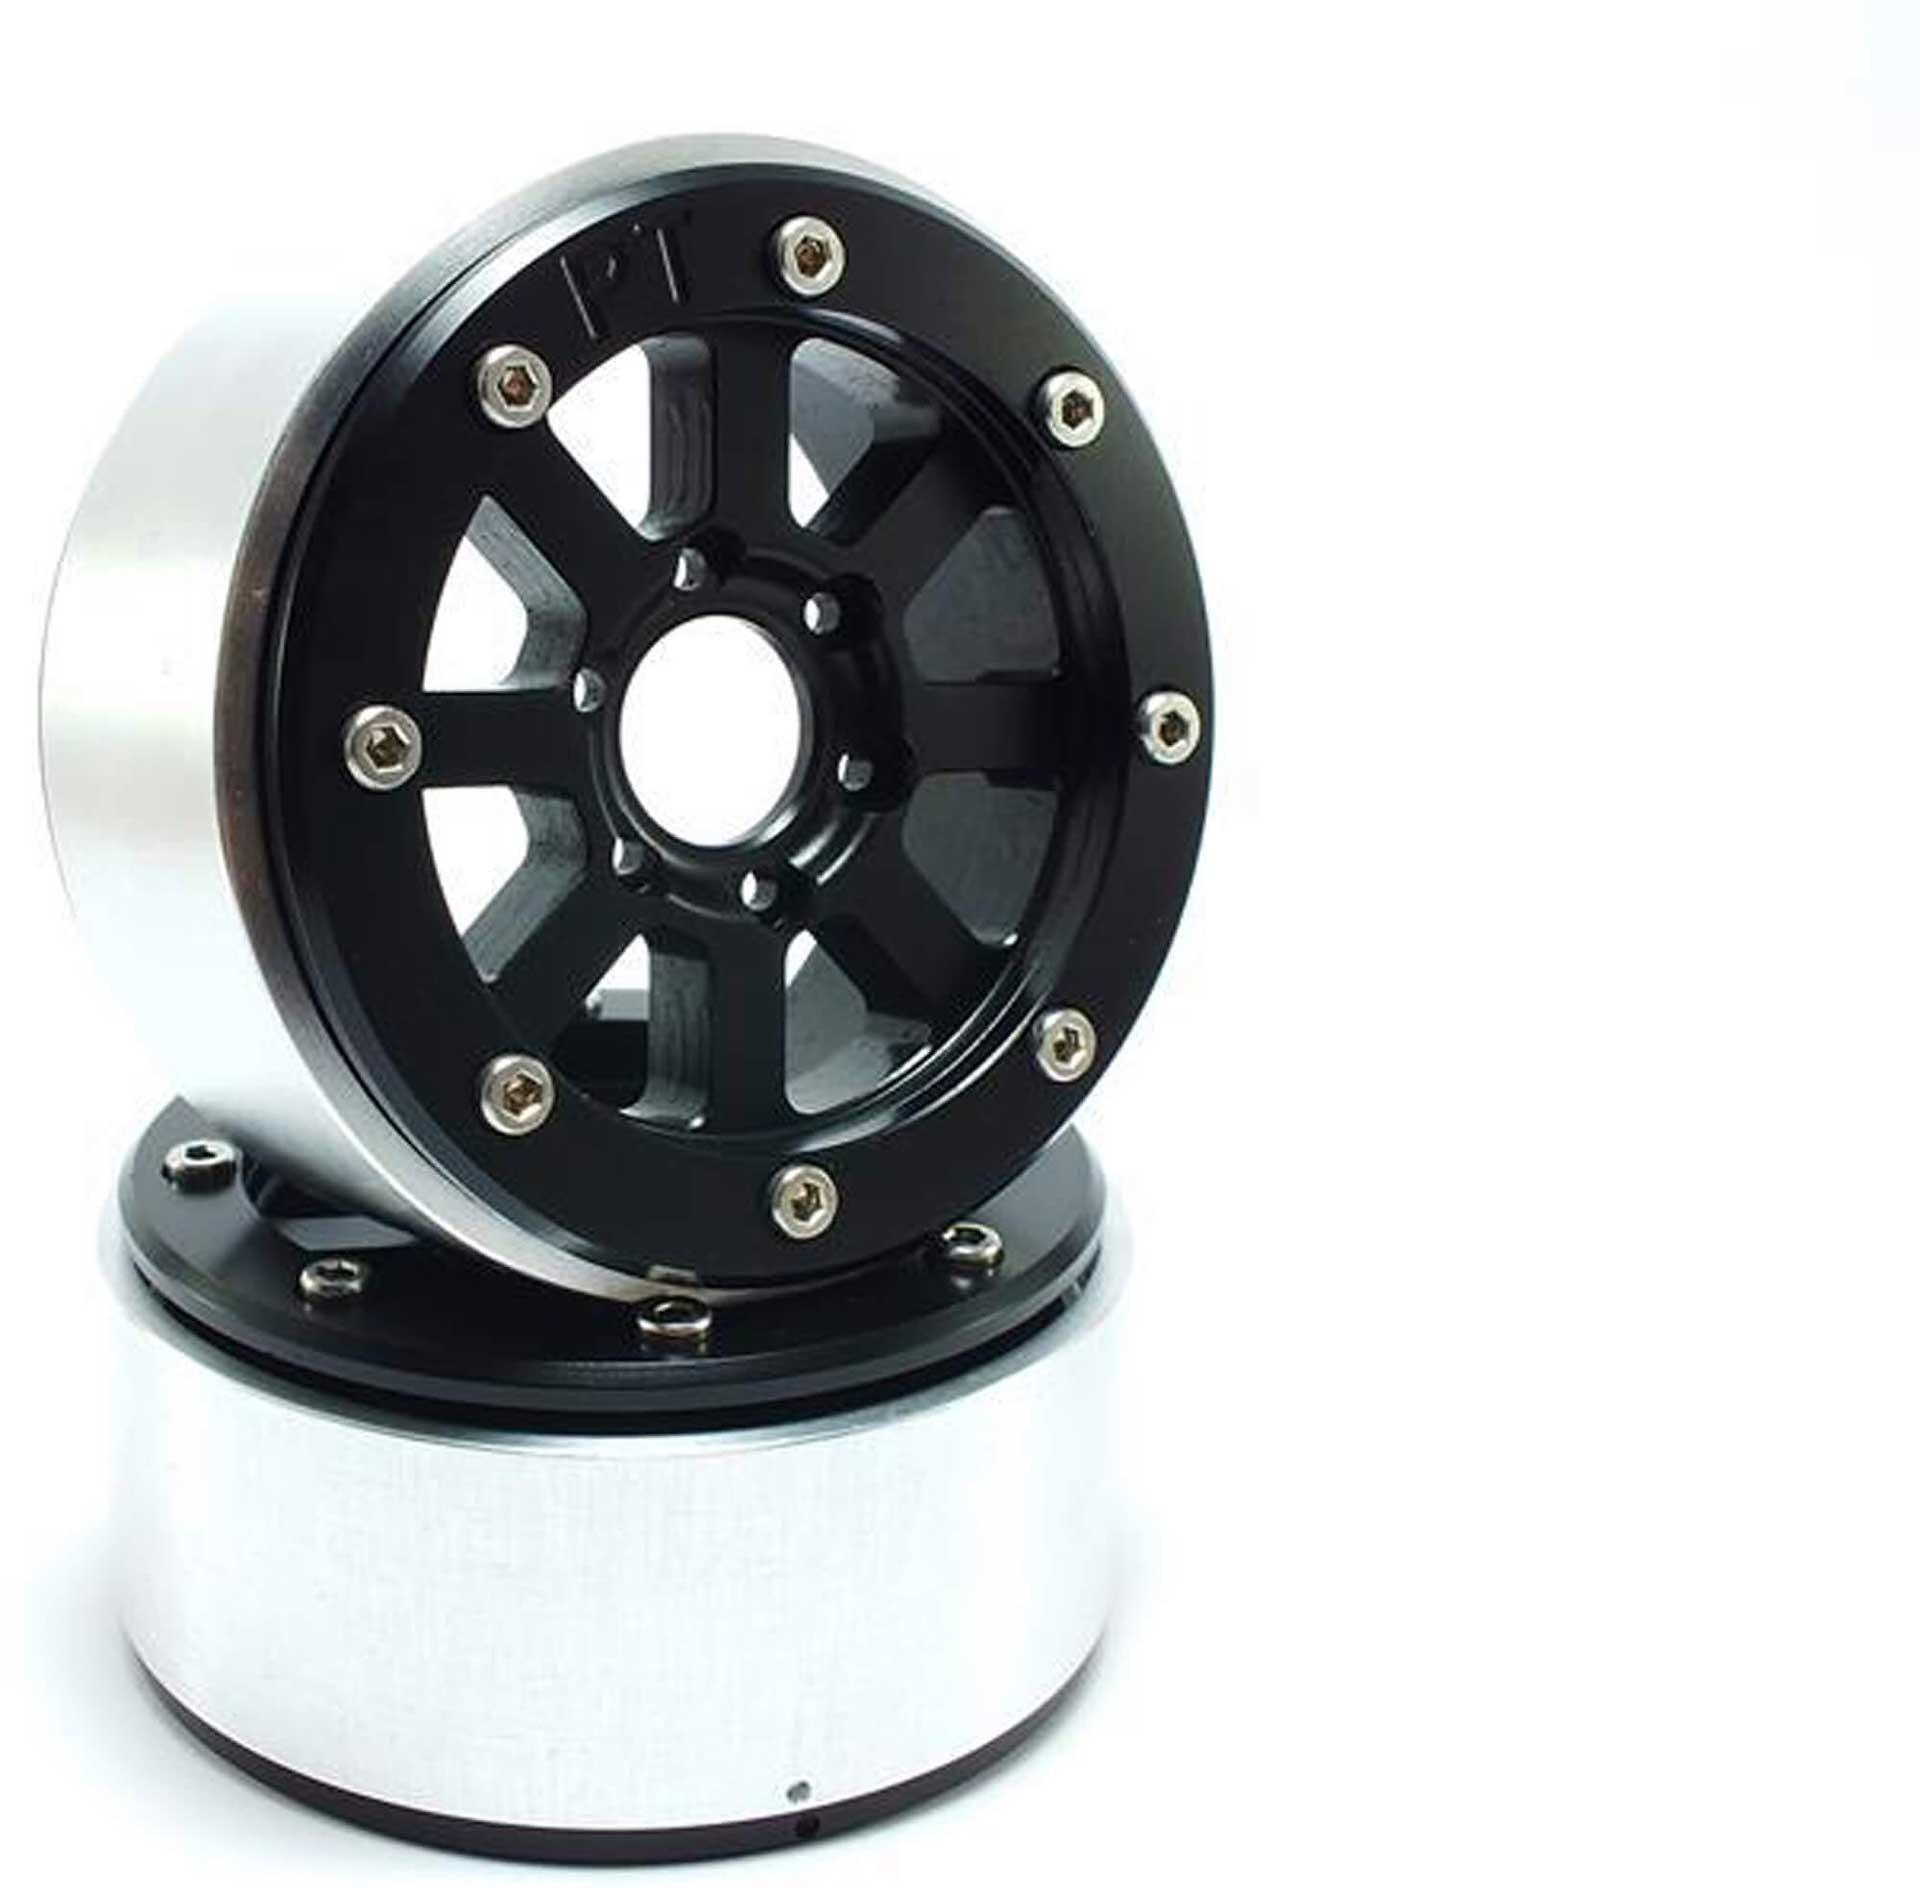 Metsafil Beadlock Wheels HAMMER schwarz/schwarz 1.9 (2 St.) ohne Radnabe